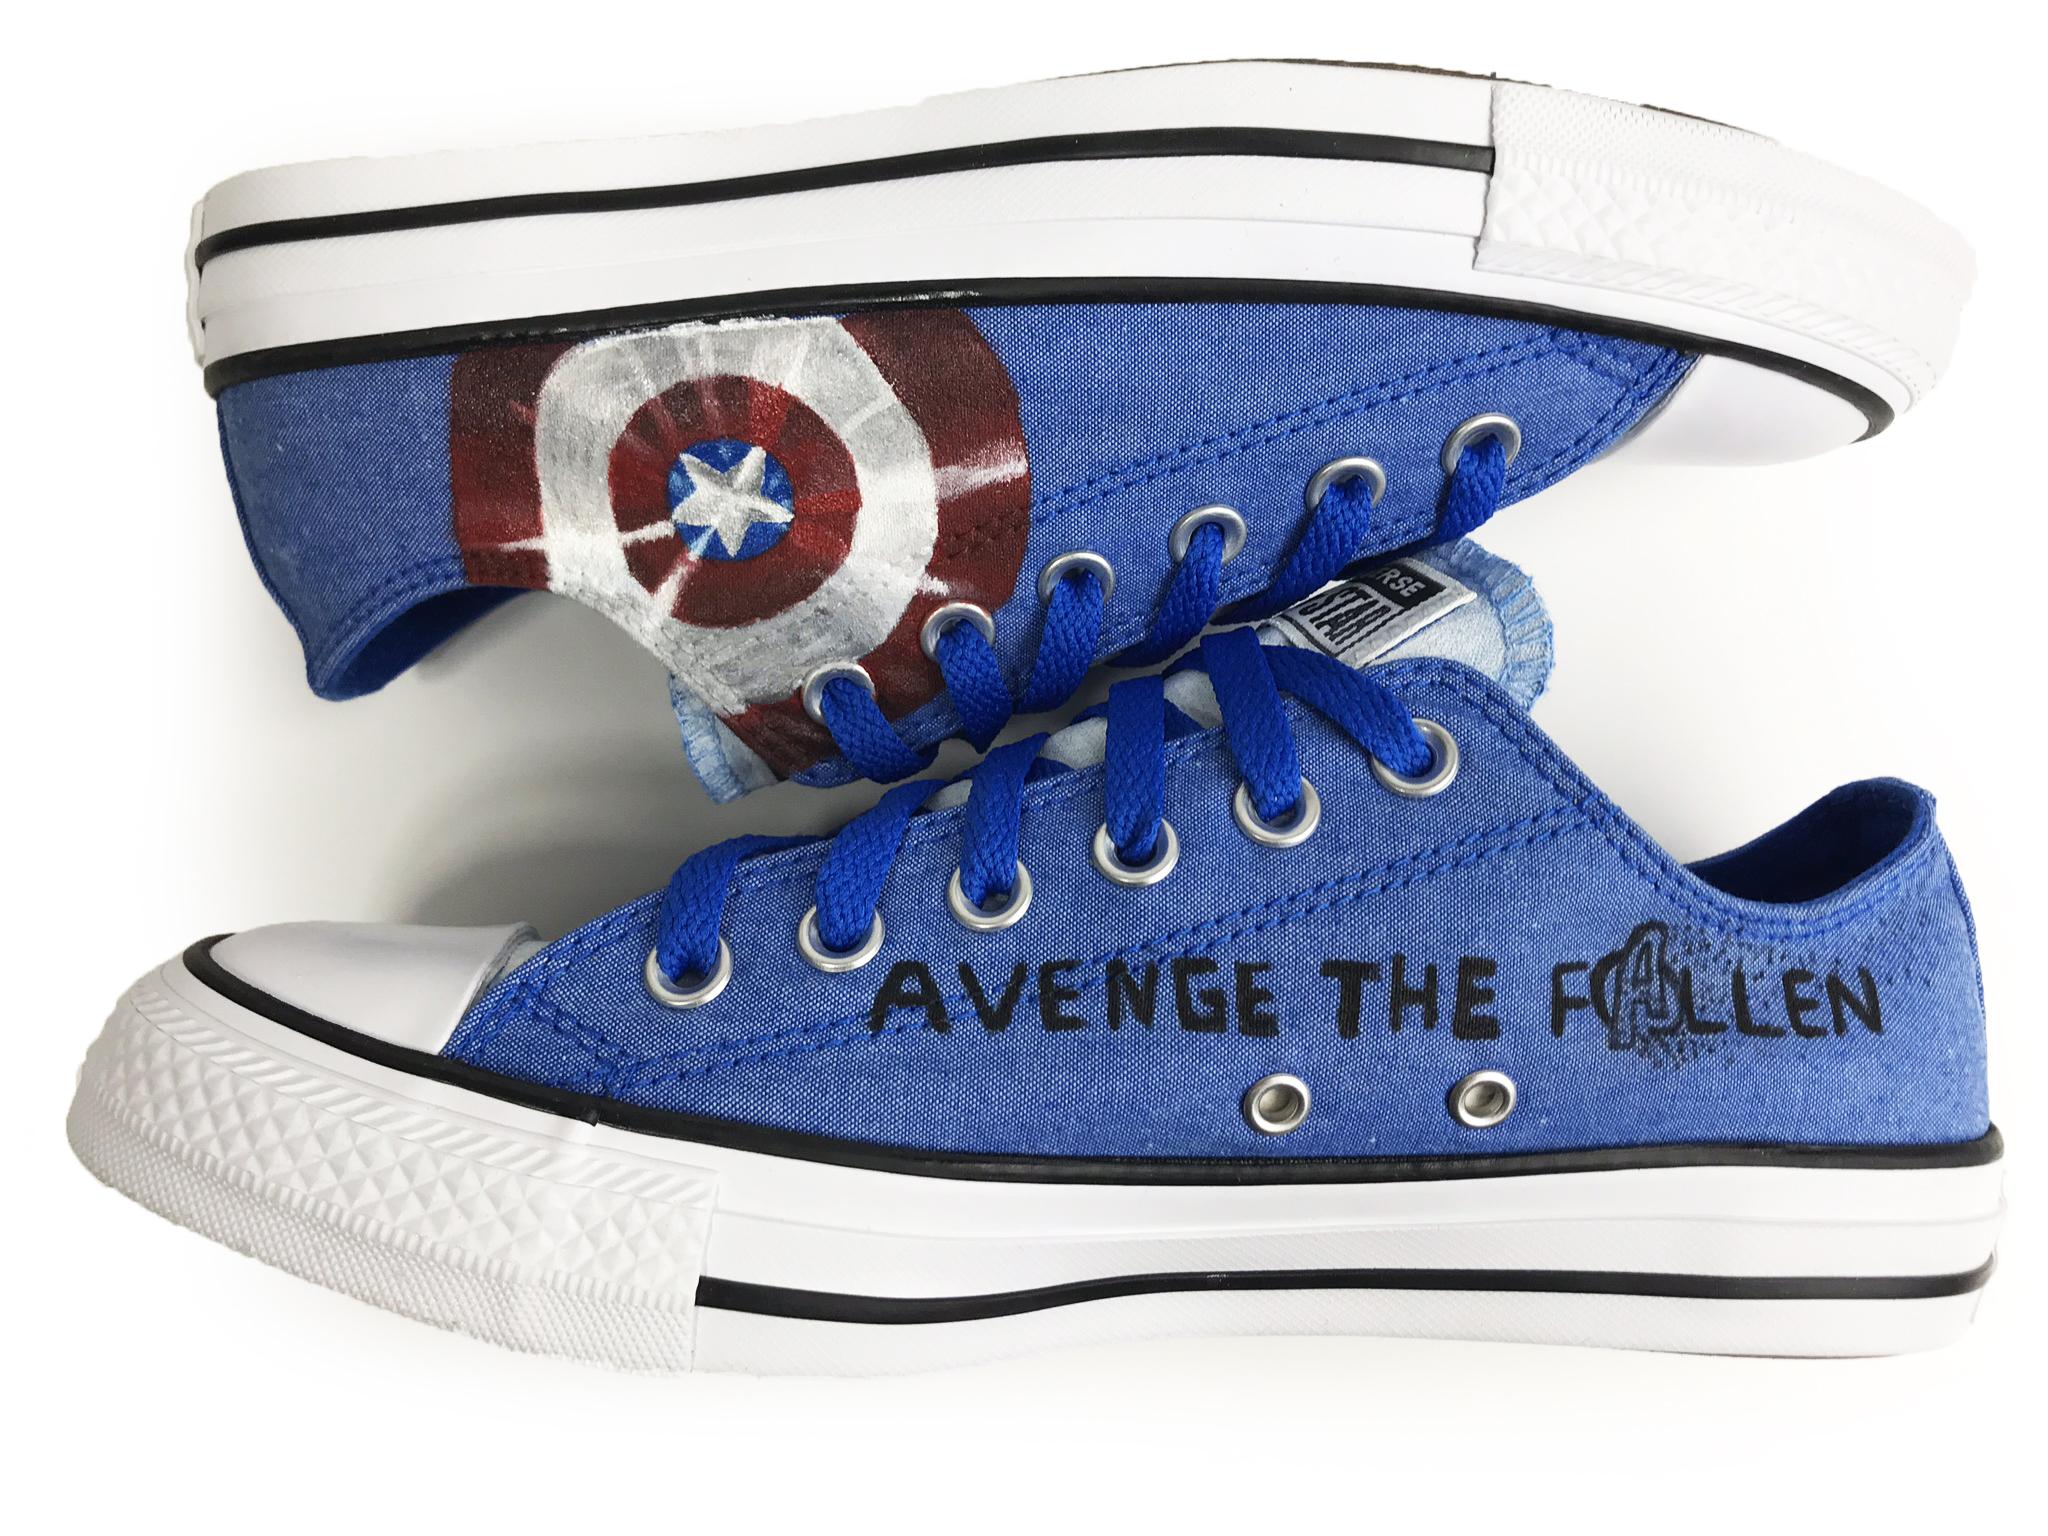 avengers shoe 1.jpeg